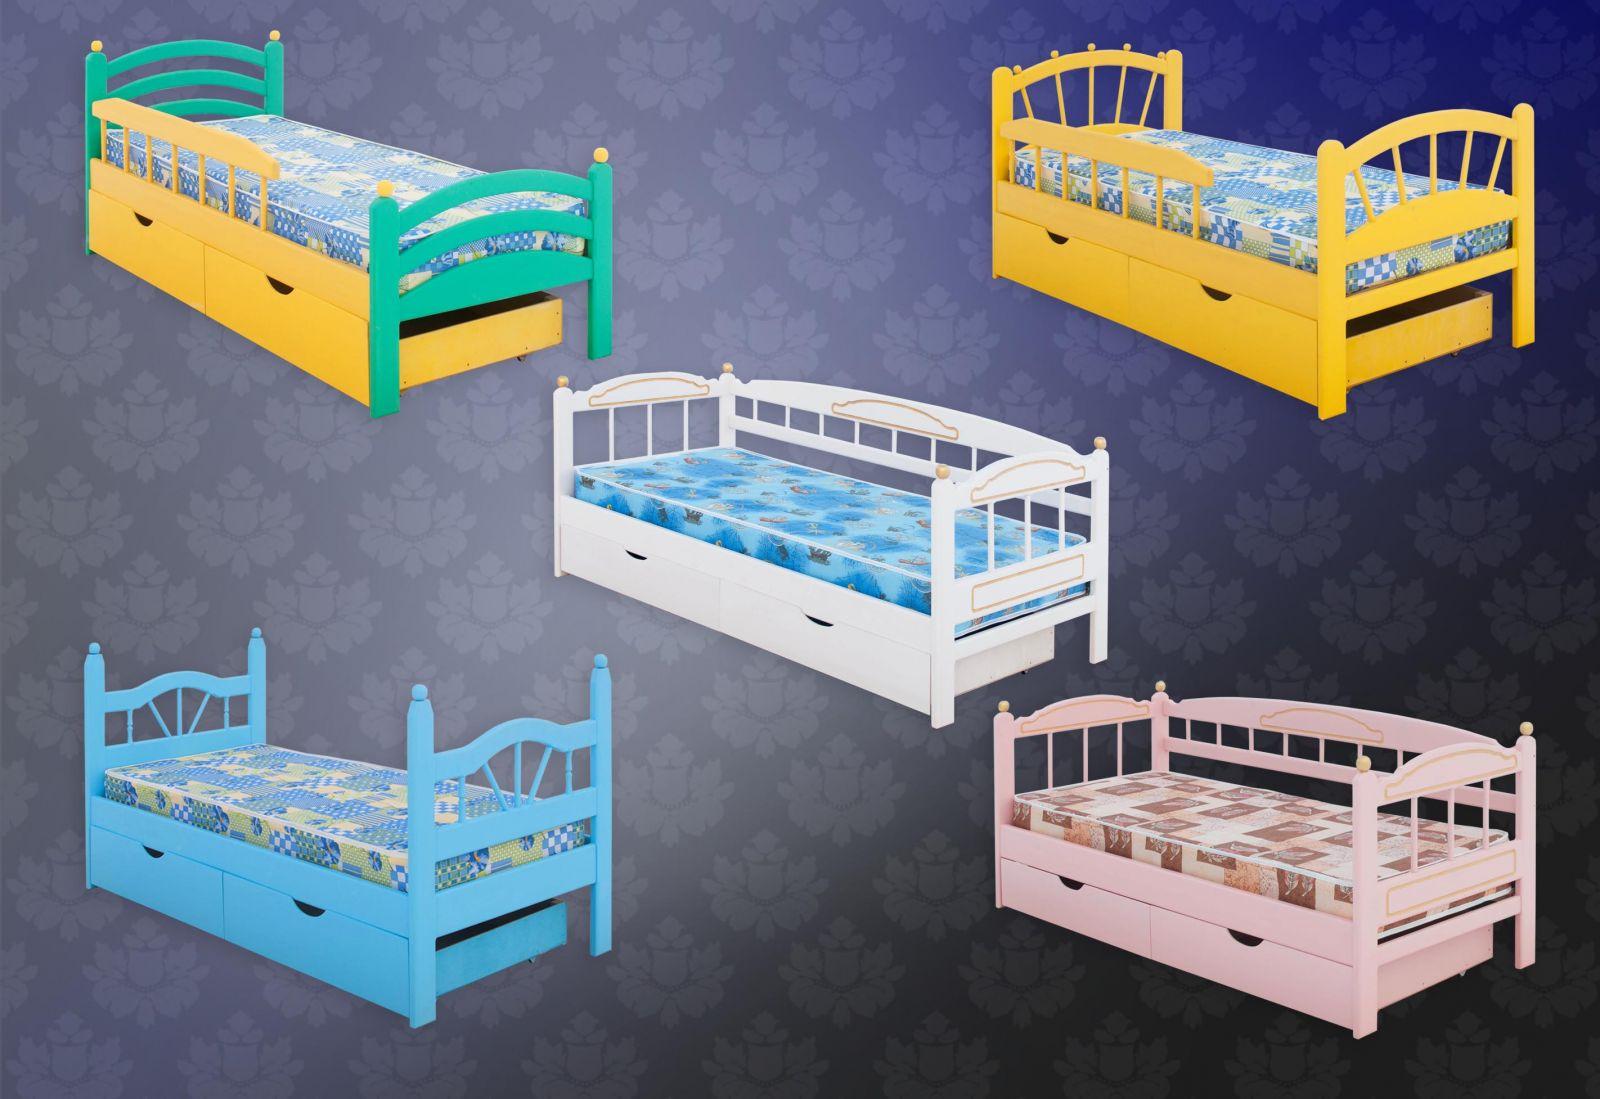 детский кровать, детские кровати, кровать в детскую, кровать с, кровать для подростка, подростковая кровать, кровать на вырост, купить детскую кровать, детская кровать от, детский кровать фото, детская кровать фото, кровати детские фото, детские кров